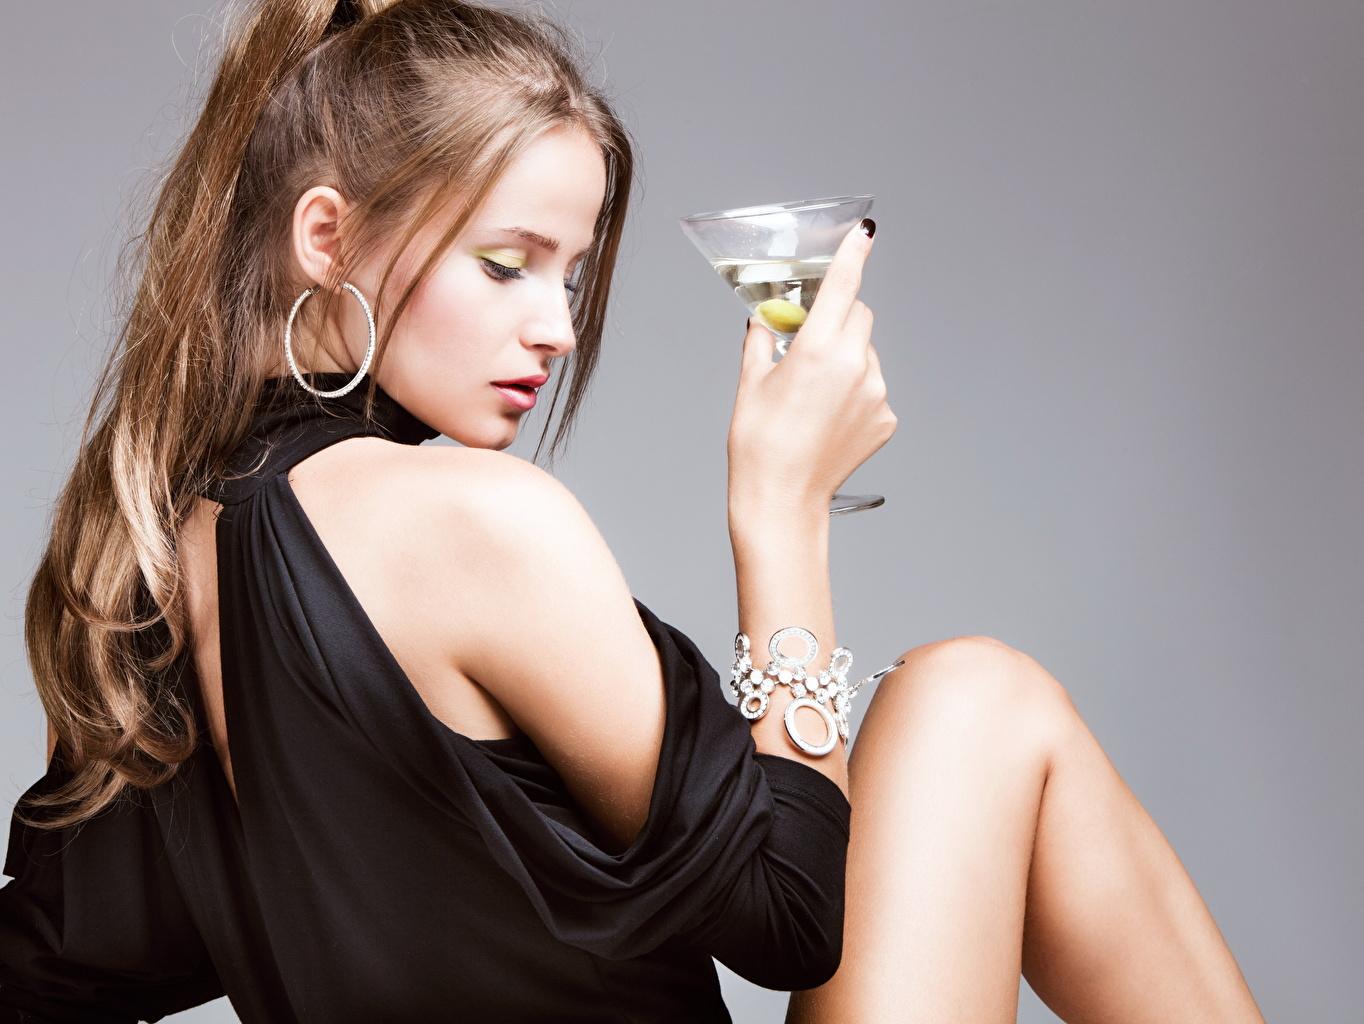 Картинка Шатенка девушка Браслет рука серег Бокалы Серый фон шатенки Девушки молодая женщина молодые женщины Руки бокал Серьги сером фоне